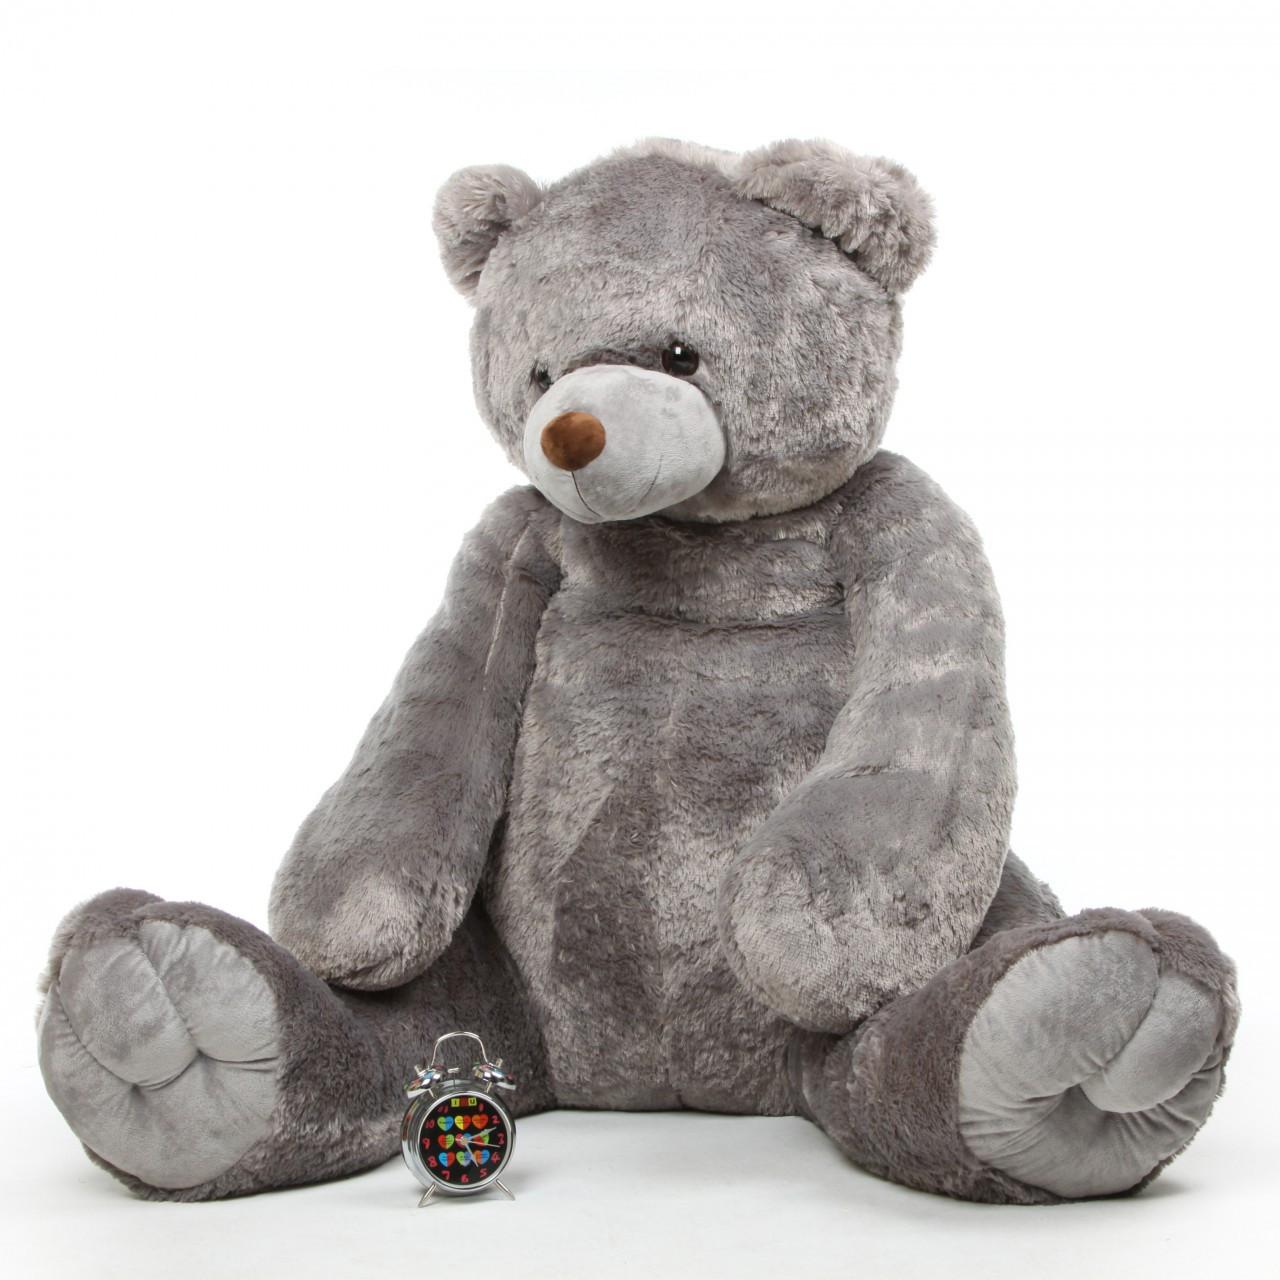 Extra Large Grey Cuddly Plush Teddy Bear 70in Sugar Tubs